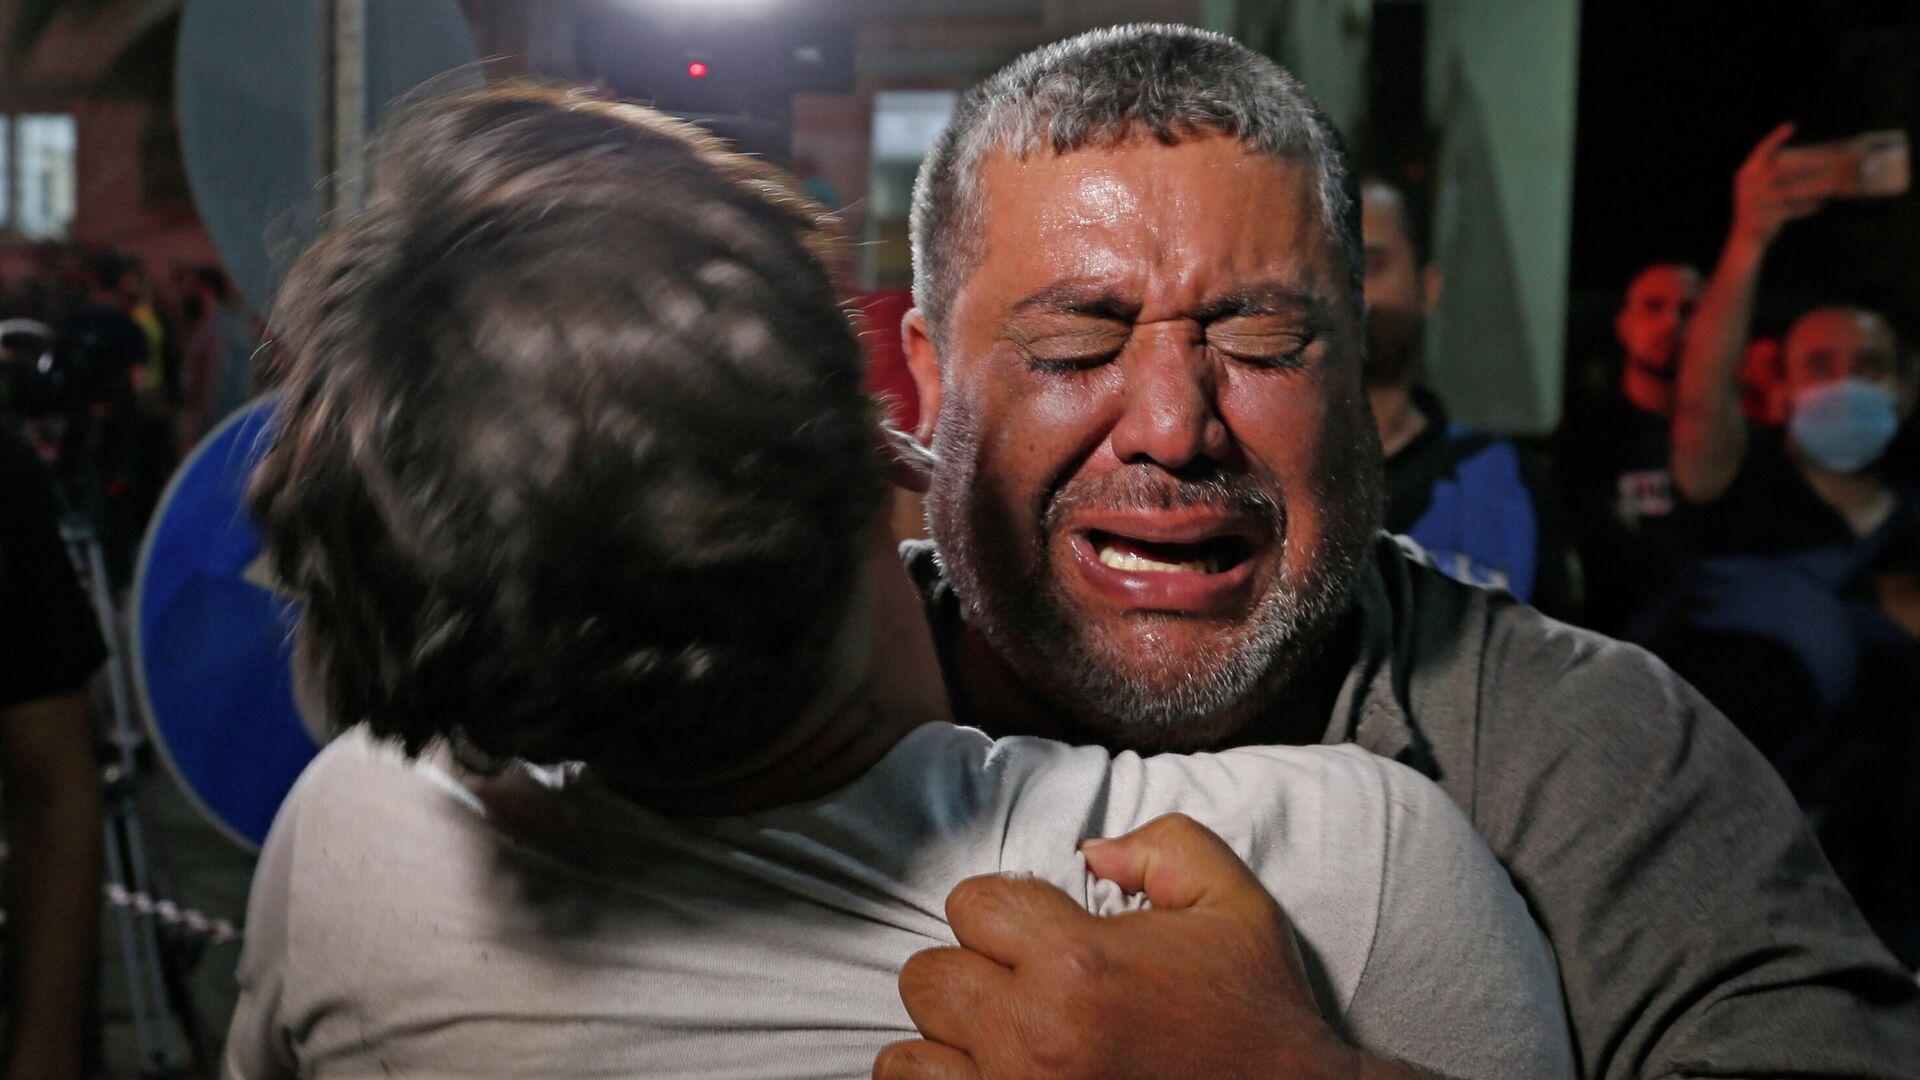 Un palestino llora en un hospital en la ciudad de Gaza. 12 de mayo de 2021. - Sputnik Mundo, 1920, 13.05.2021